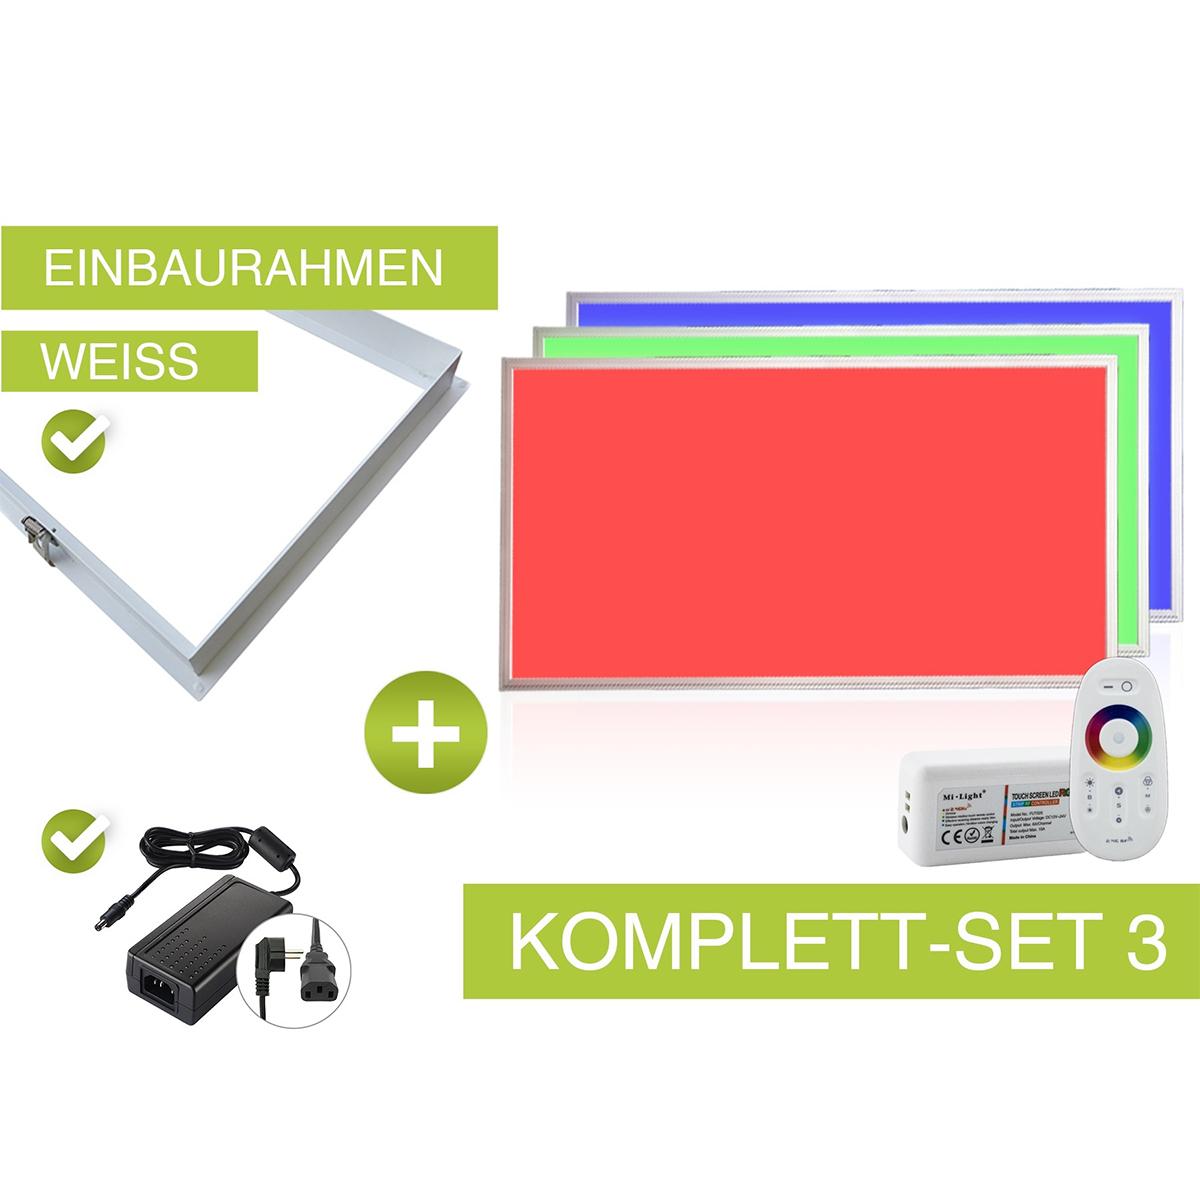 RGB LED Panel Set 3 120x60cm 48W 24V weiss